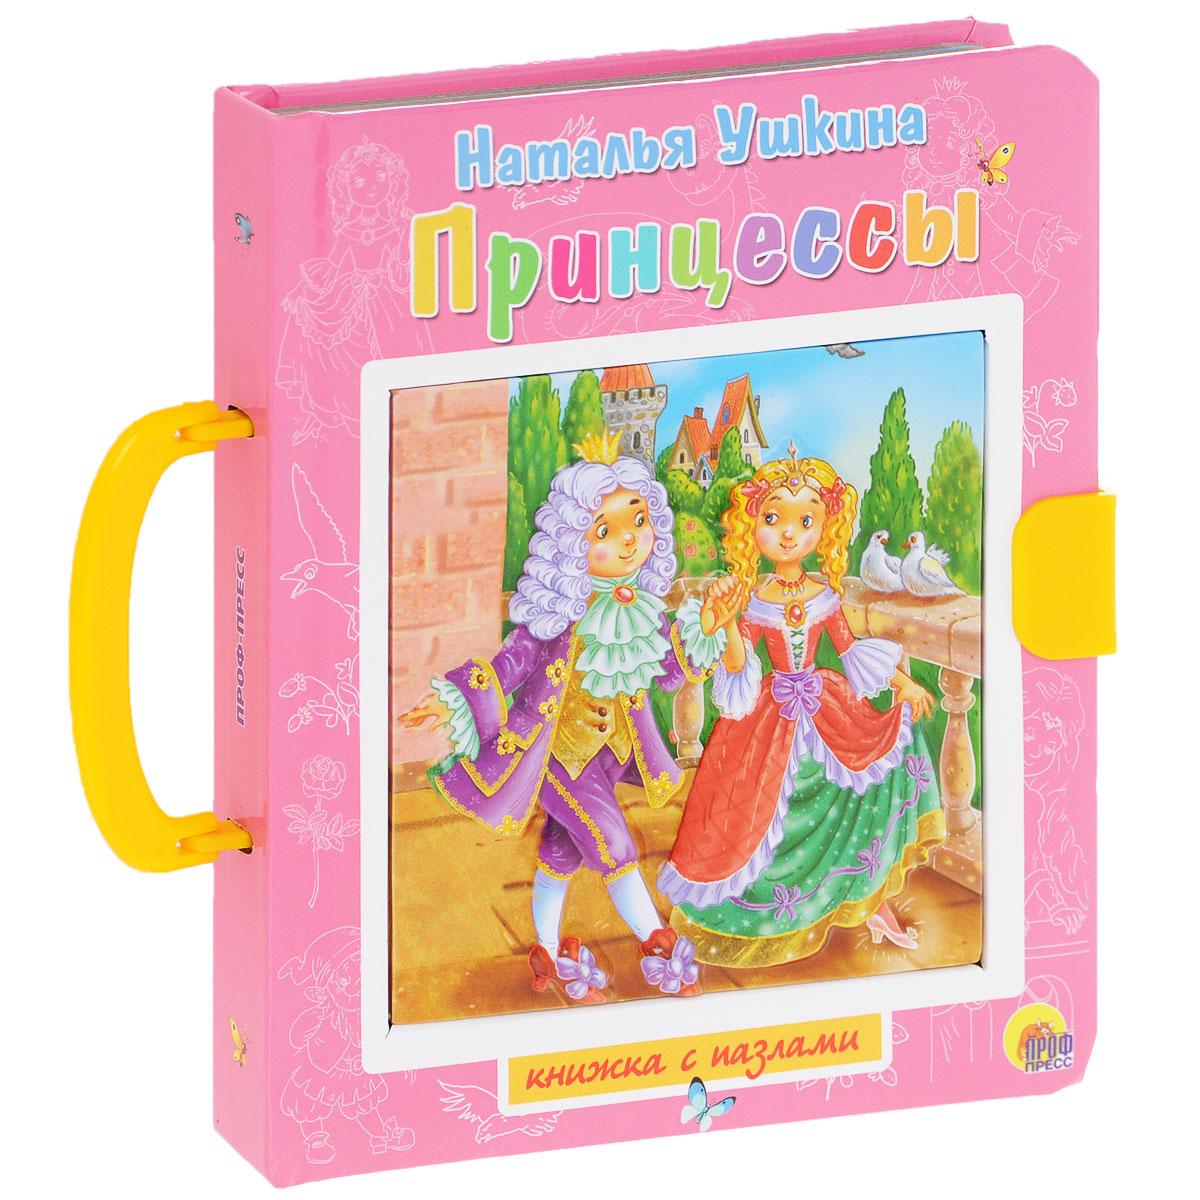 Принцессы. Книжка-игрушка12296407Издание включает в себя веселые стихи о сказочных принцессах и красочные иллюстрации к ним. Каждый разворот порадует ребёнка интересным пазлом-мозаикой, который можно собирать снова и снова. Каждый пазл состоит из 4 деталей (размер детали: 6 см х 6 см). Обложка книги украшена рельефной иллюстрацией, снабжена ручкой и клапаном-застежкой.